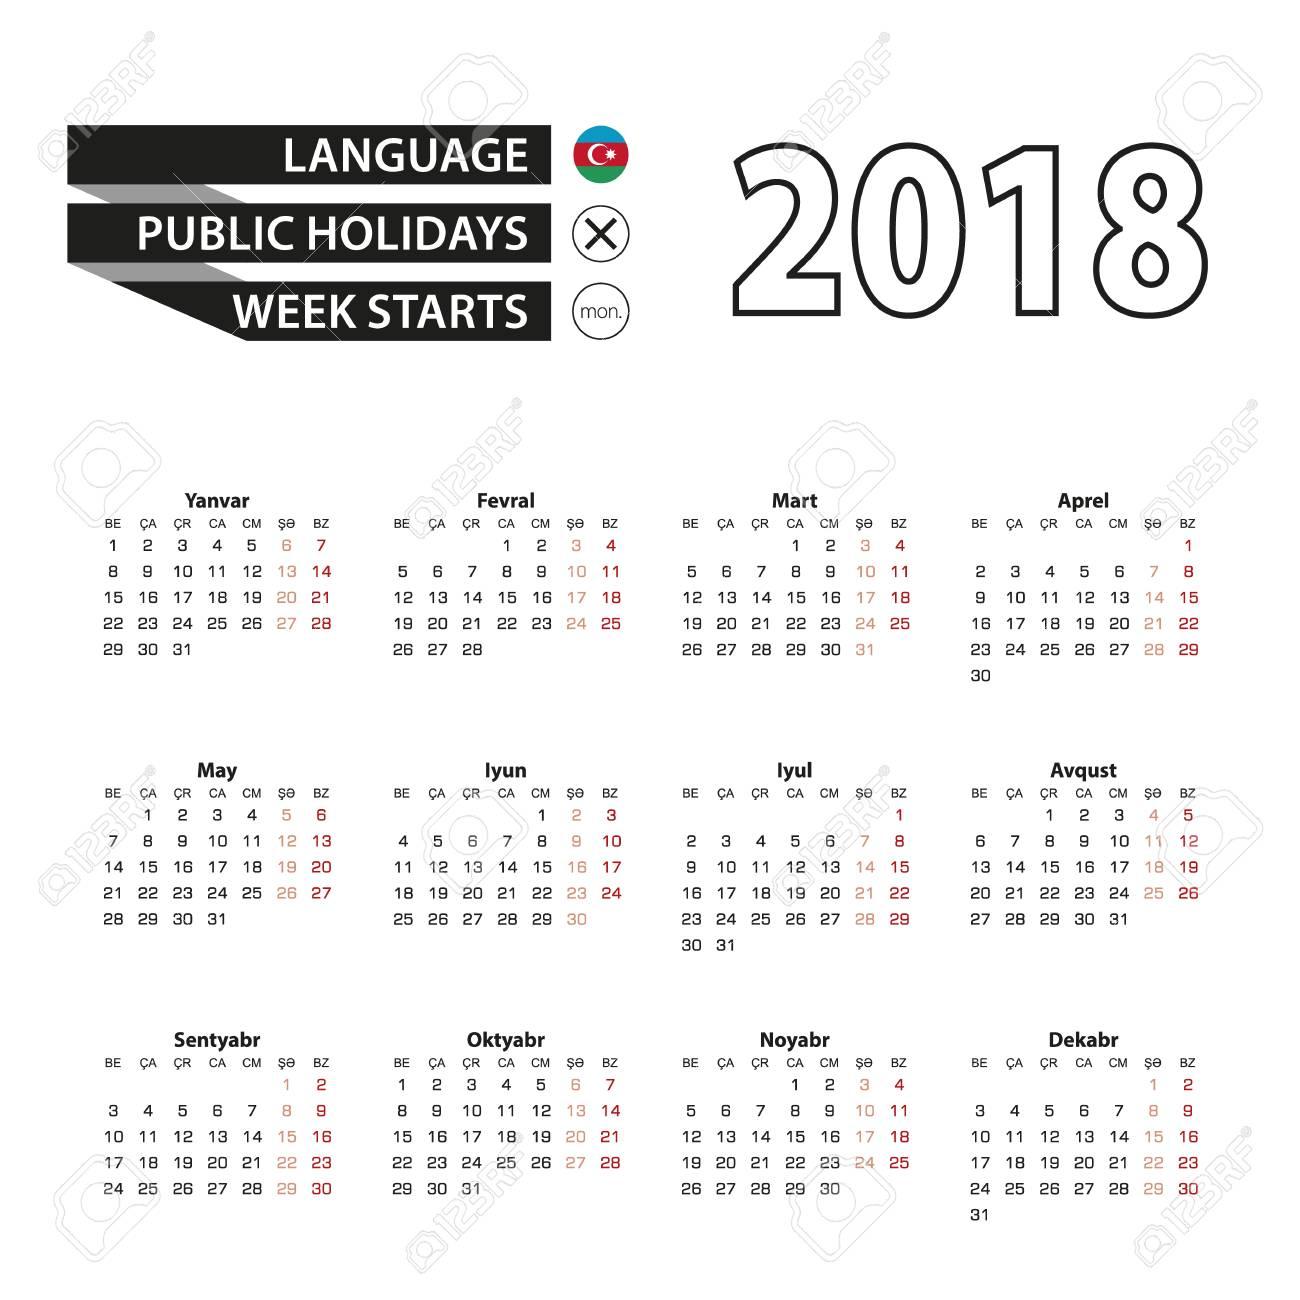 アゼルバイジャン語の言語の暦 2018 年。週は月曜日から始まります ...